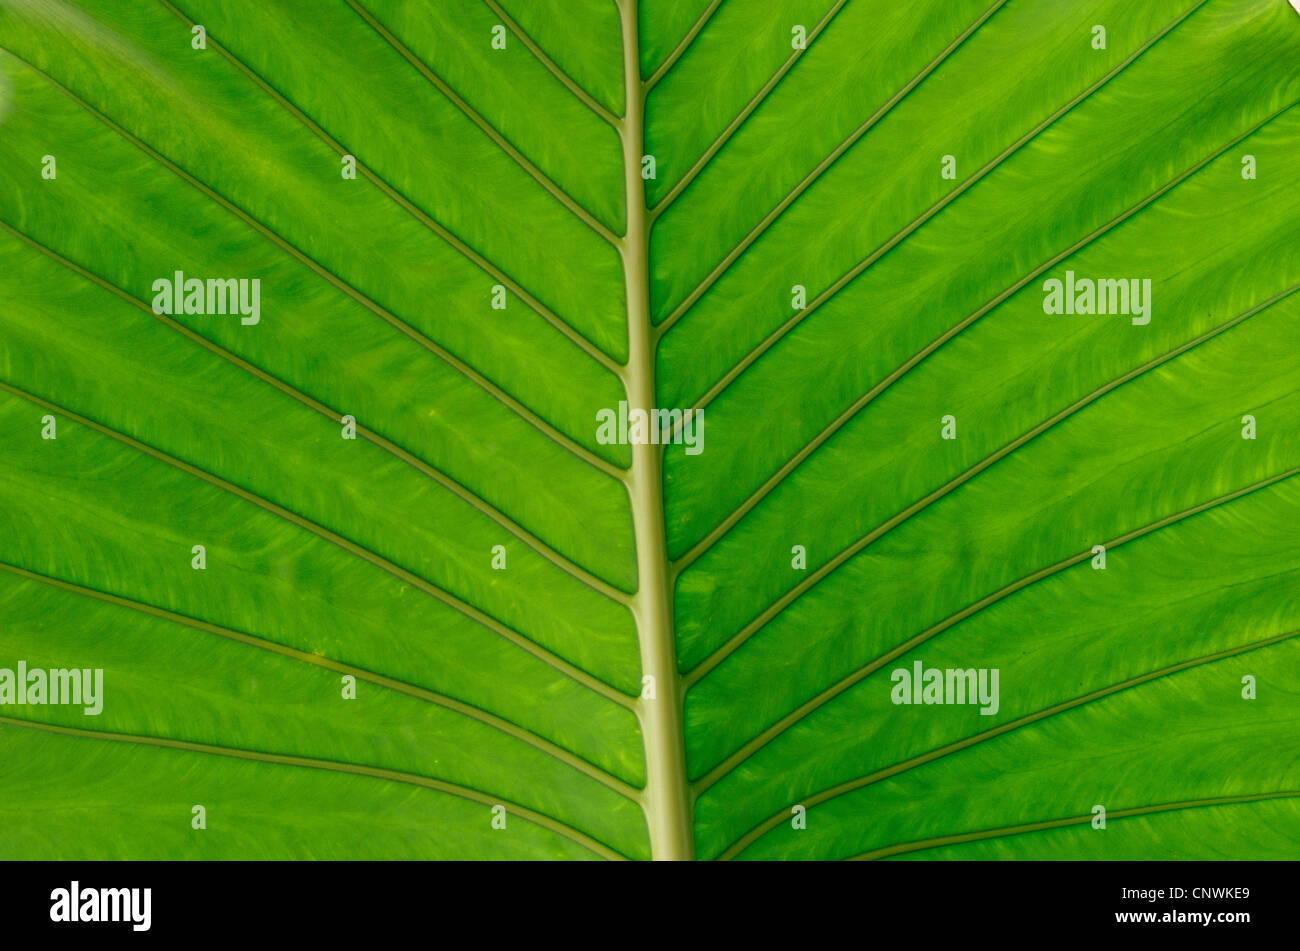 La texture d'une feuille verte en arrière-plan Photo Stock